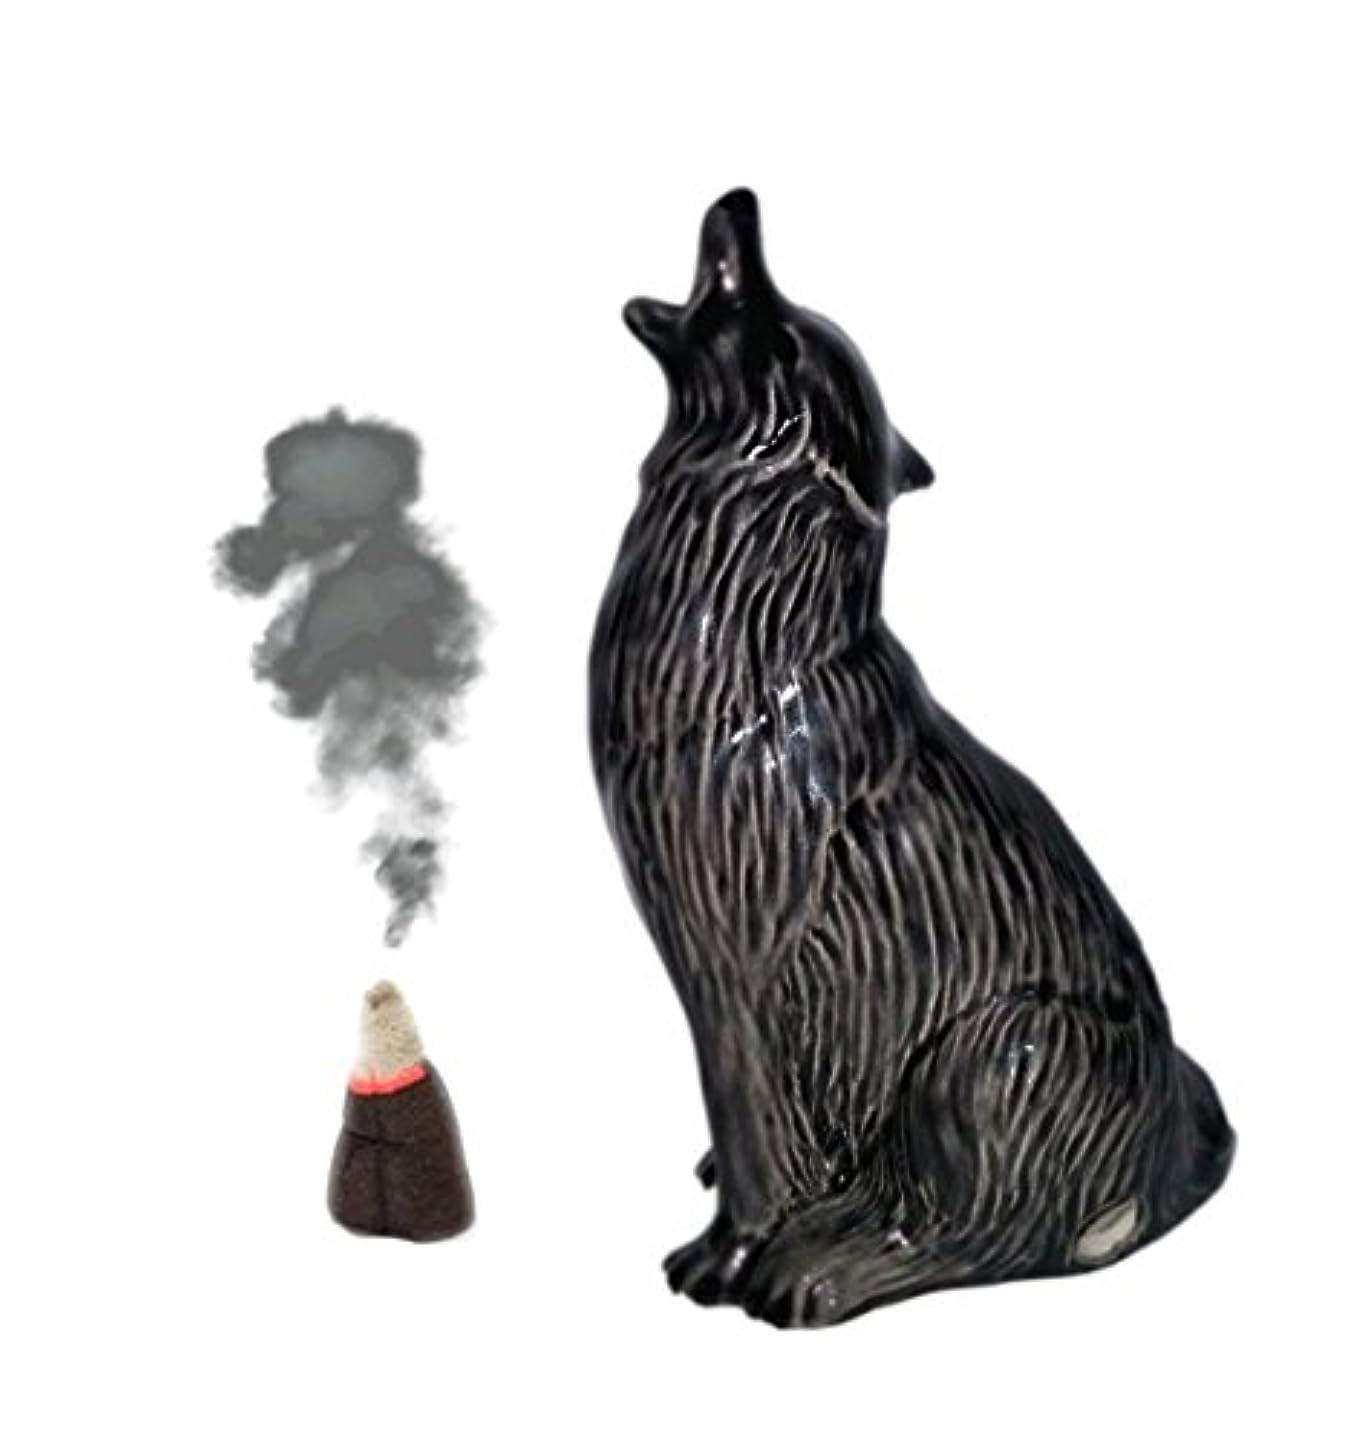 ライトニング広告主ぬいぐるみHowling Wolf Cone Incense Burner S ブラック